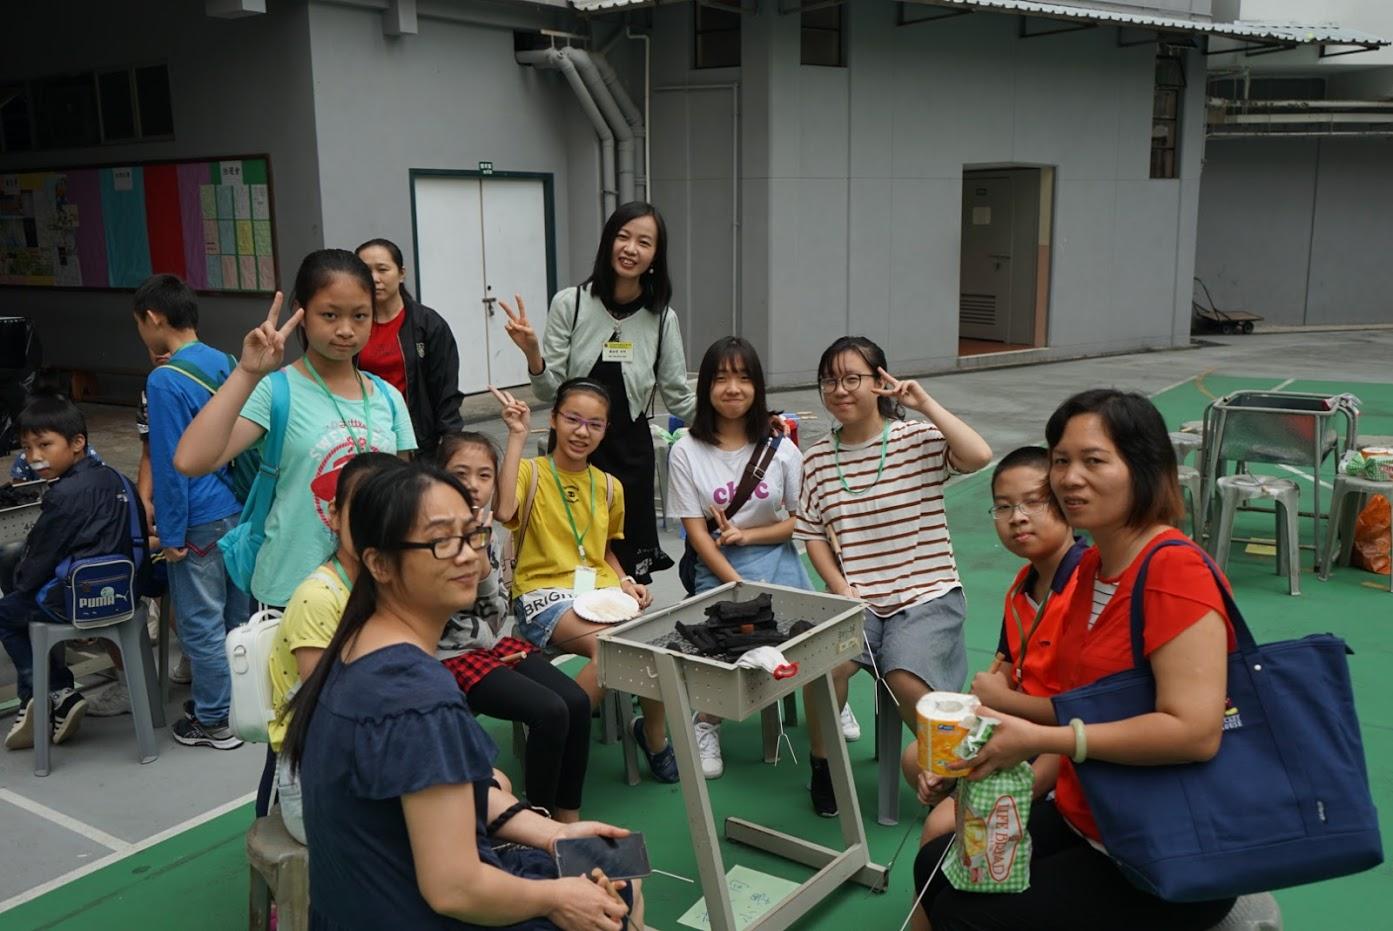 天主教慈幼會伍少梅中學的中學生活體驗日 - 活動精華相片26